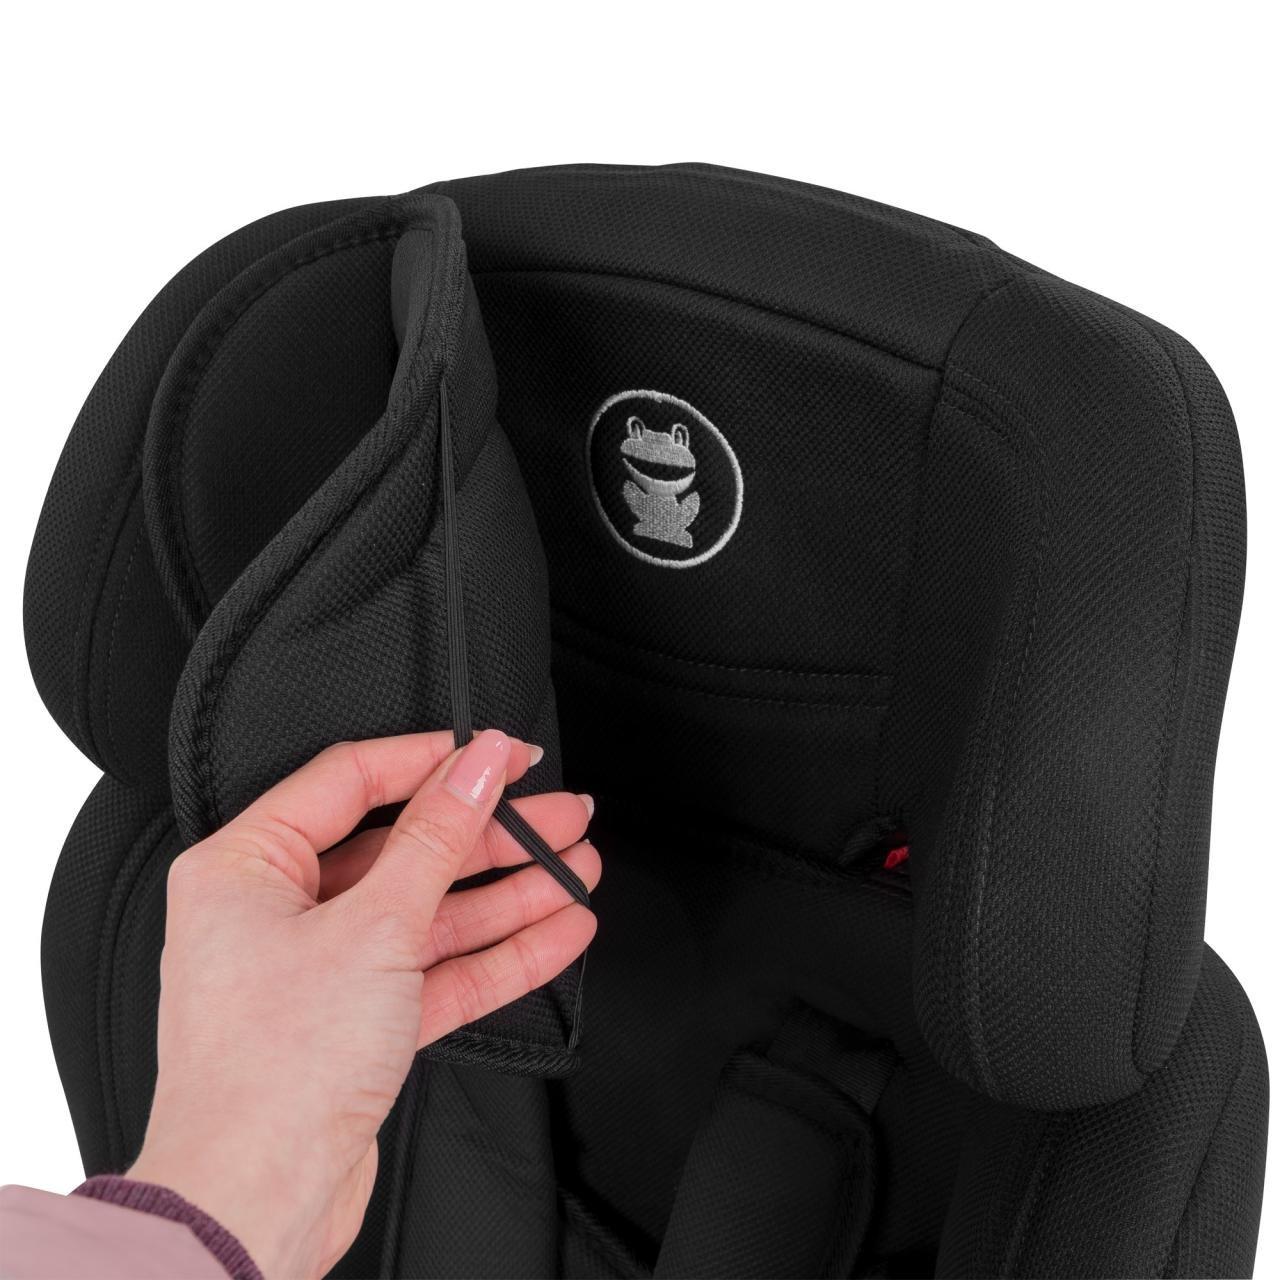 5-Punkte-Sicherheitsgurt verstellbare Kopfst/ütze Schwarz 9-36 kg FROGGY Autokindersitz Gruppe I//II//III + Sicherheitsnorm ECE R44//04